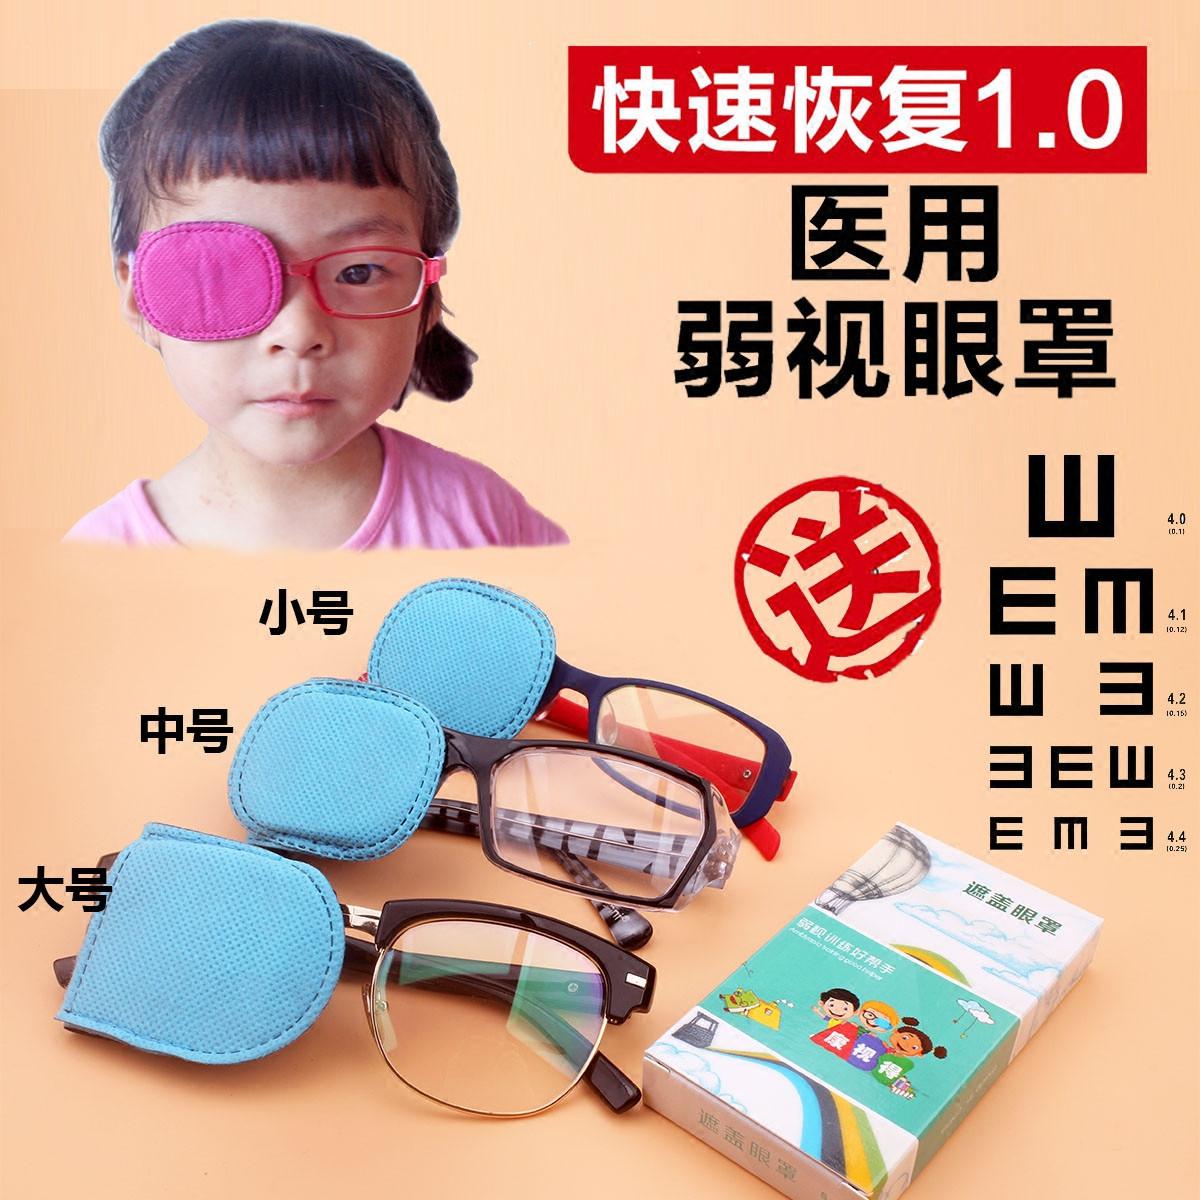 兒童成人弱視斜視遮蓋